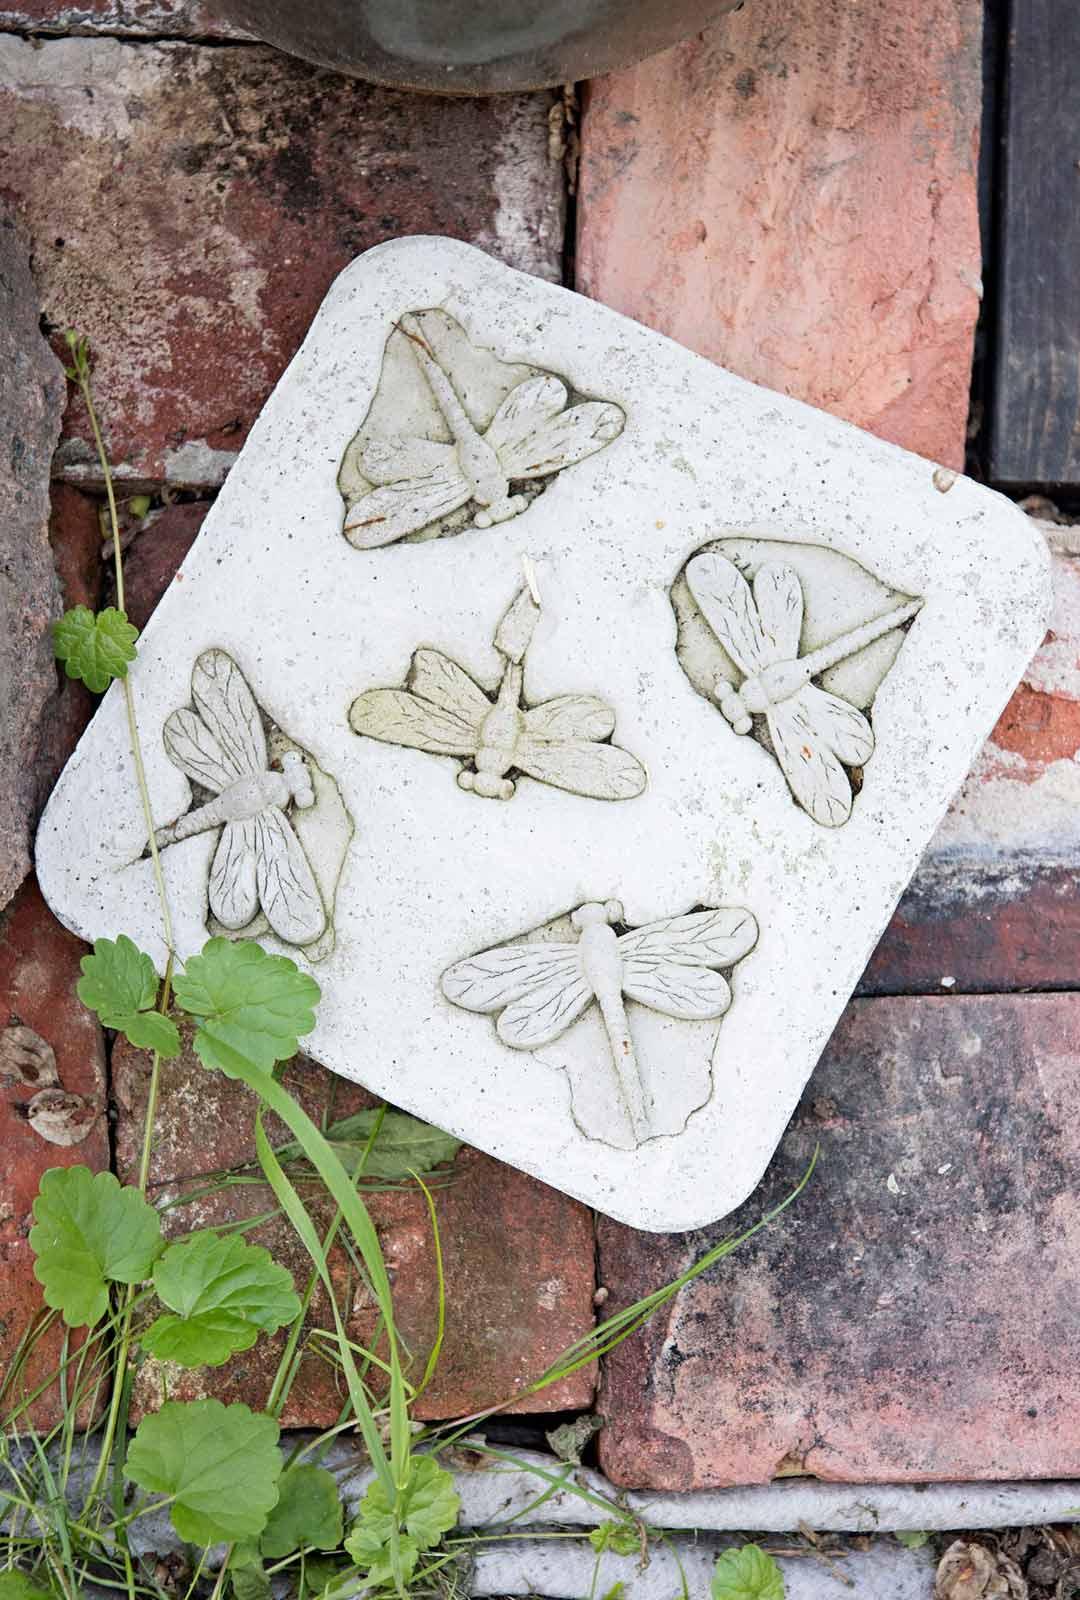 Sisko Hallavainion itse tekemä puutarhakoriste syntyi betonityöstökurssilla.